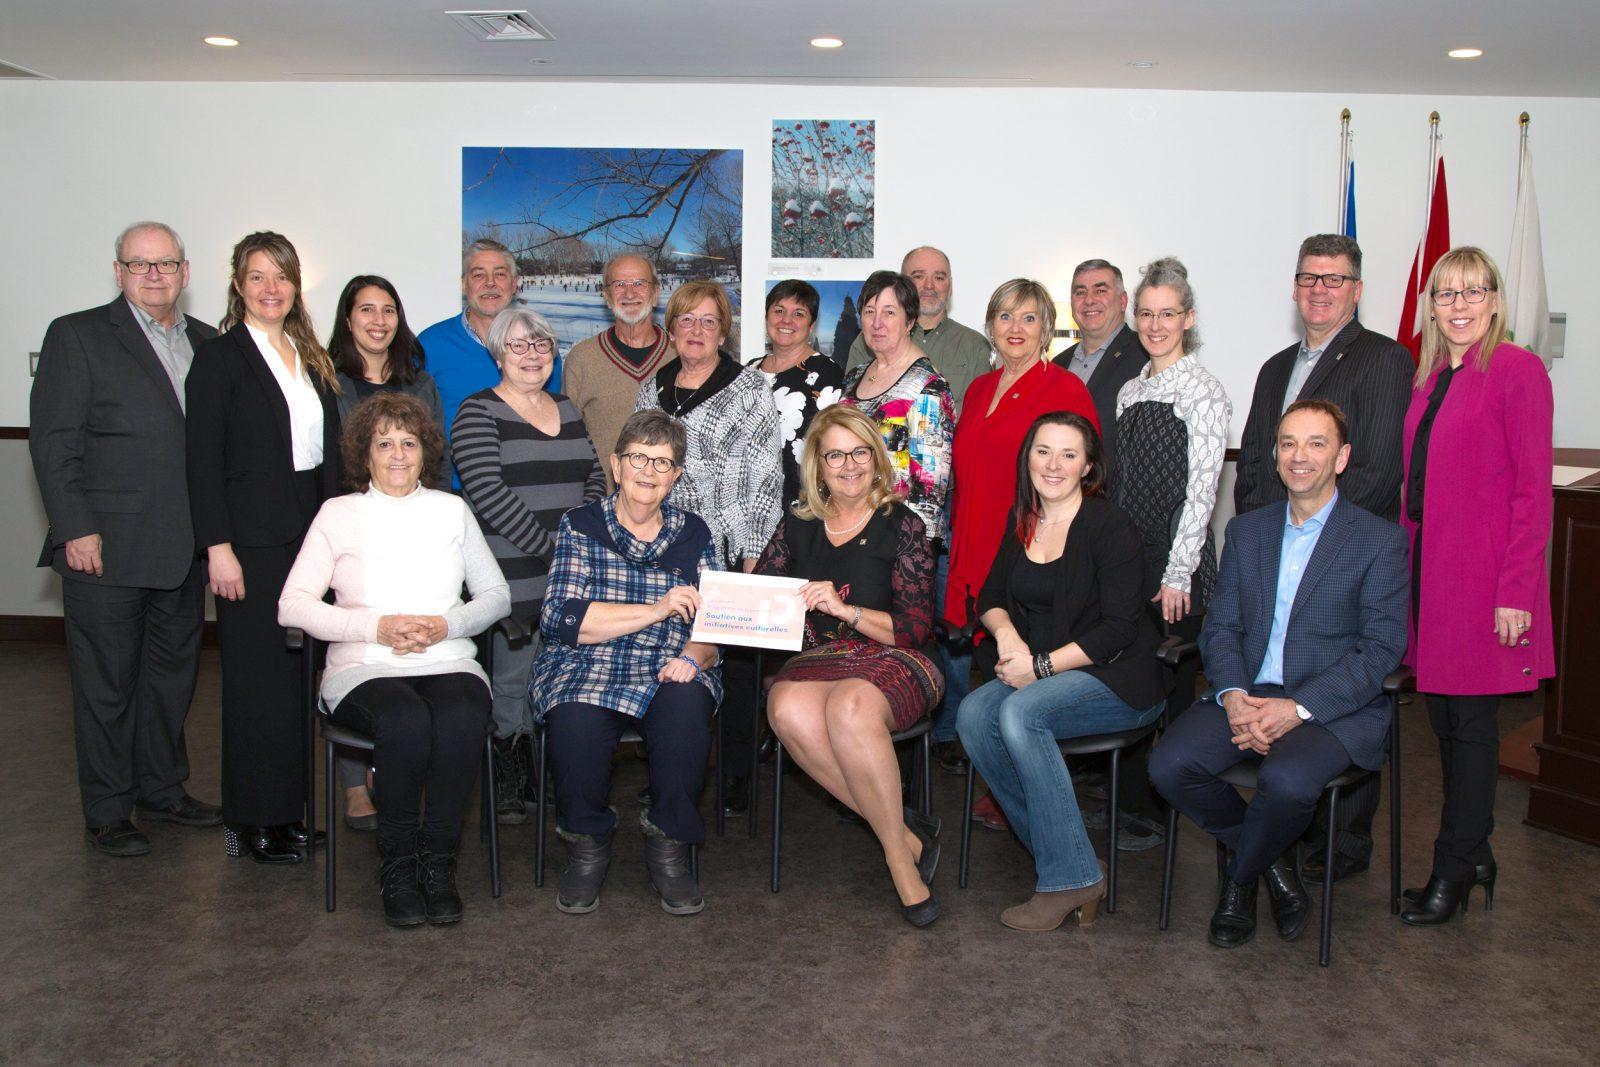 Nouveau programme de subvention en soutien aux initiatives culturelles à Sainte-Julie